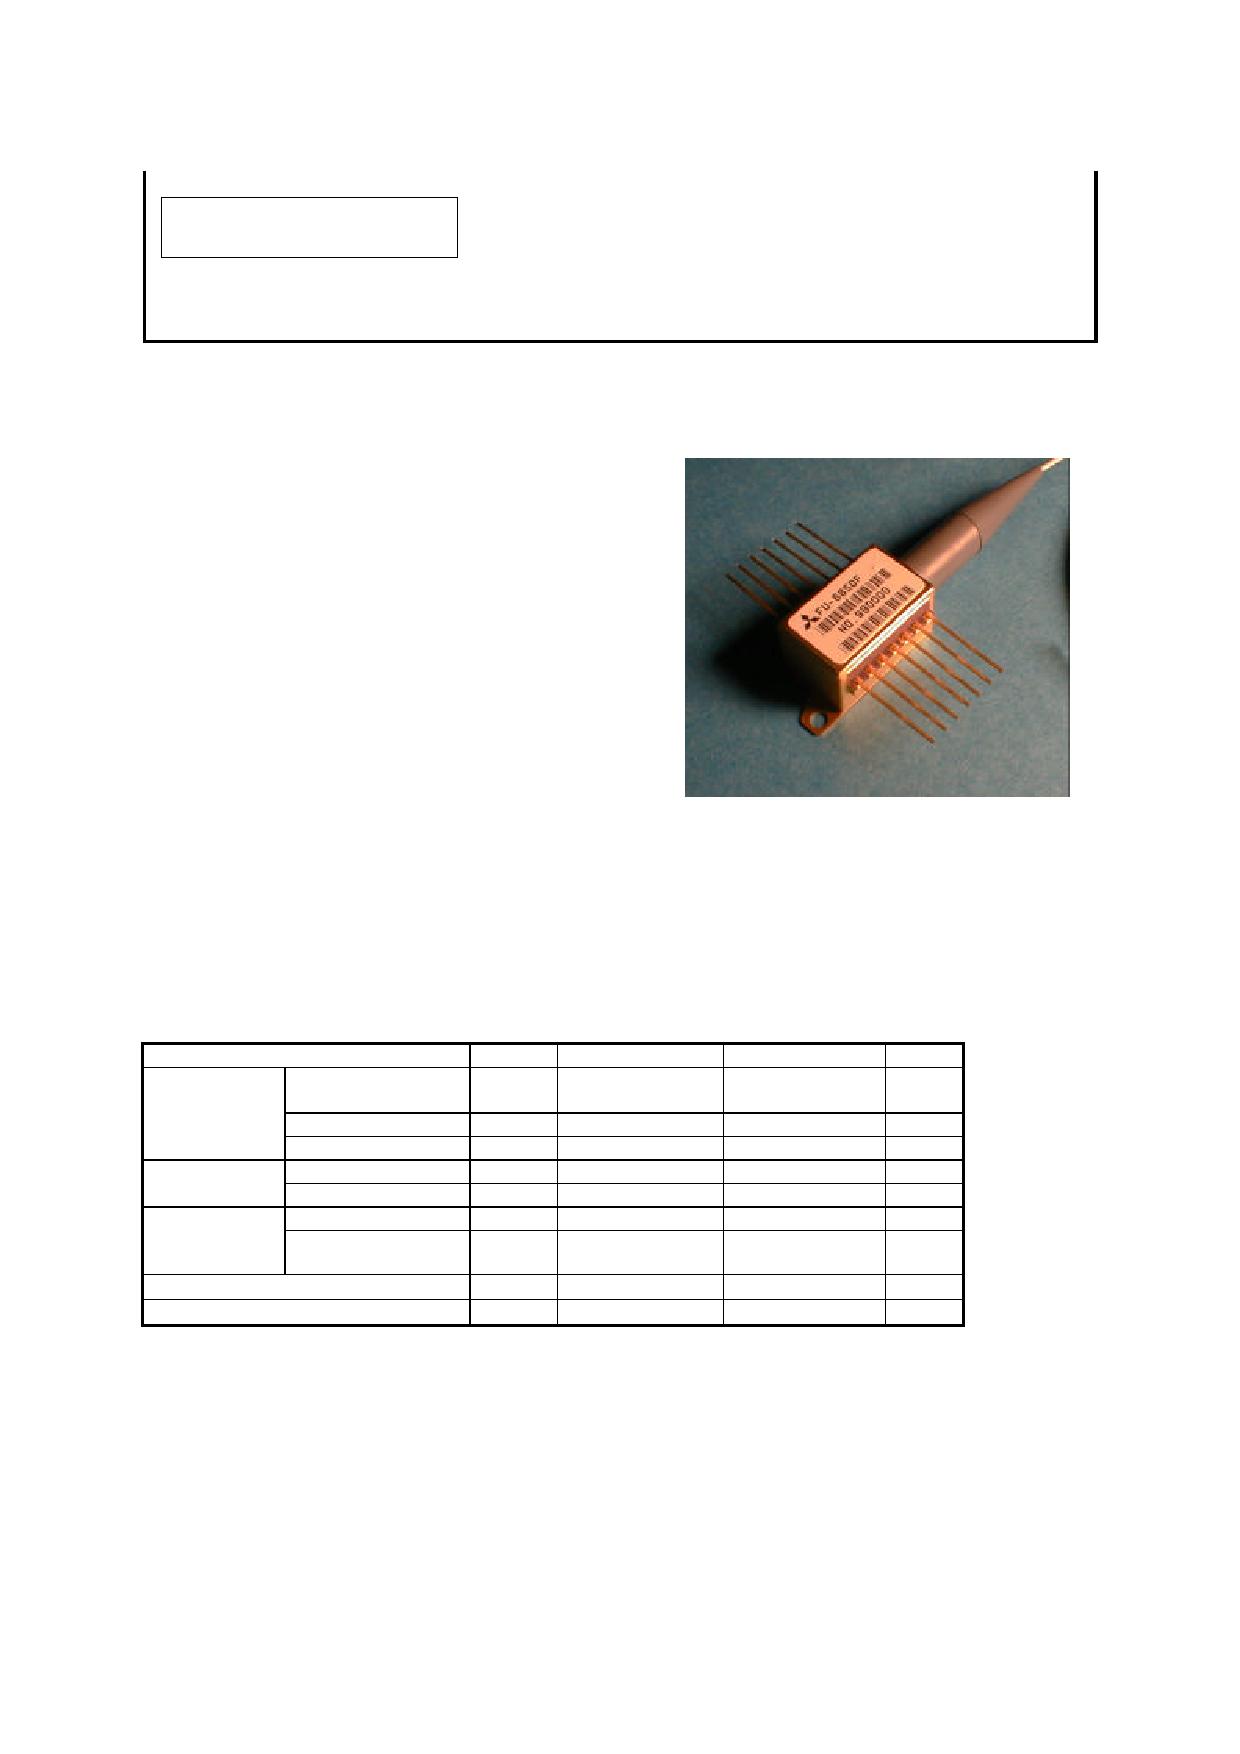 FU-68SDF-V810M133B دیتاشیت PDF